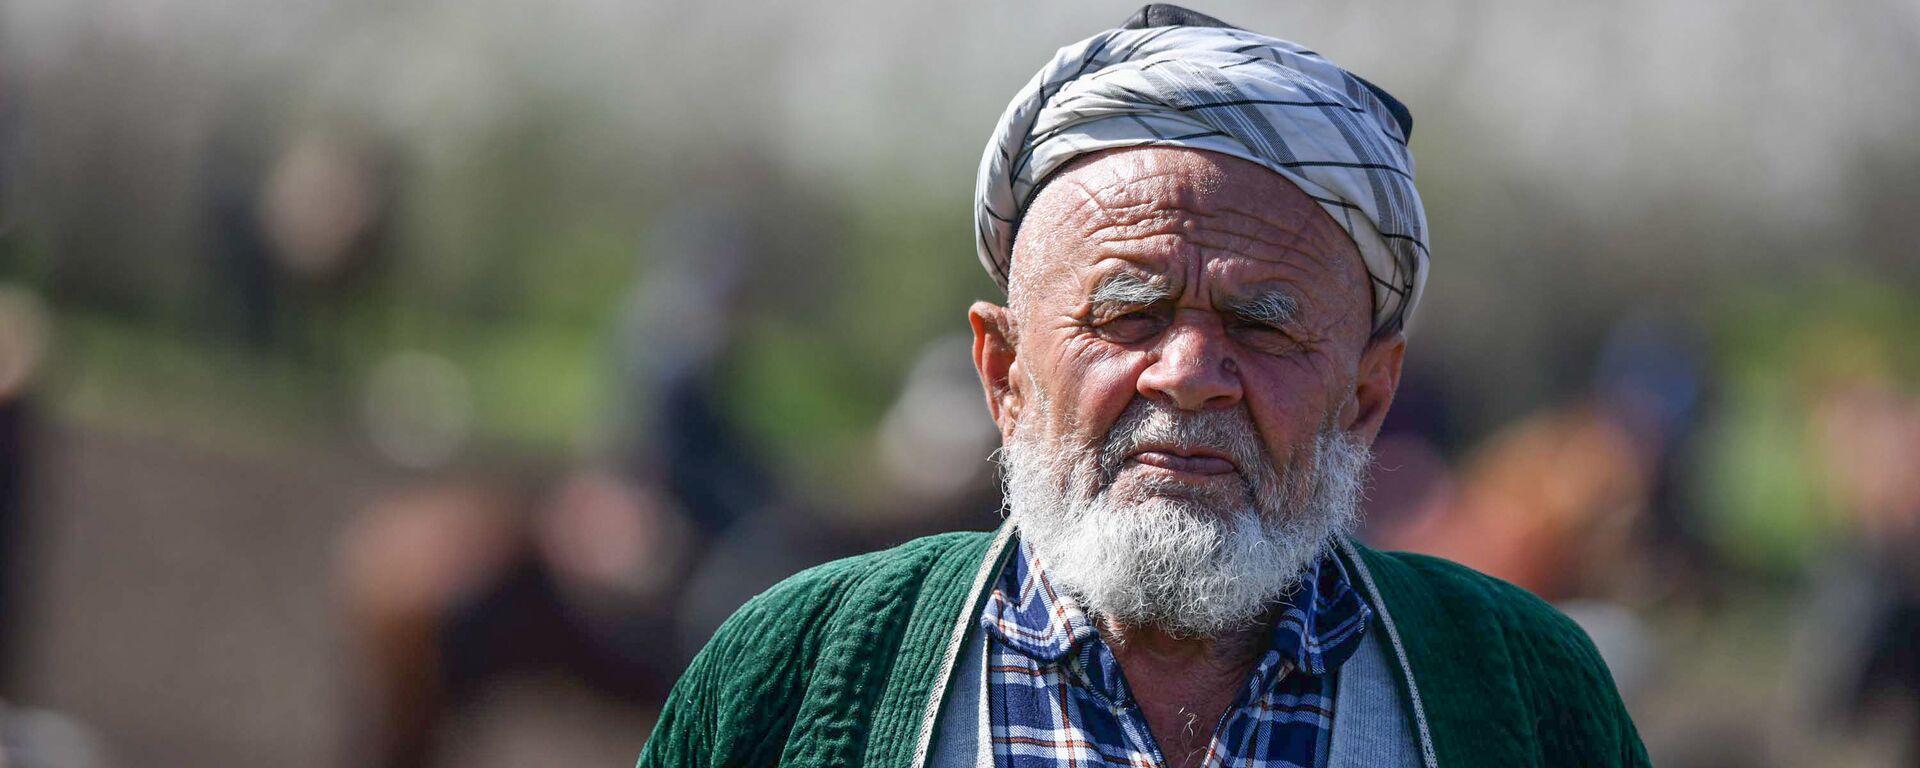 Пожилой человек на турнире бузкаши в Таджикистане - Sputnik Тоҷикистон, 1920, 28.07.2021